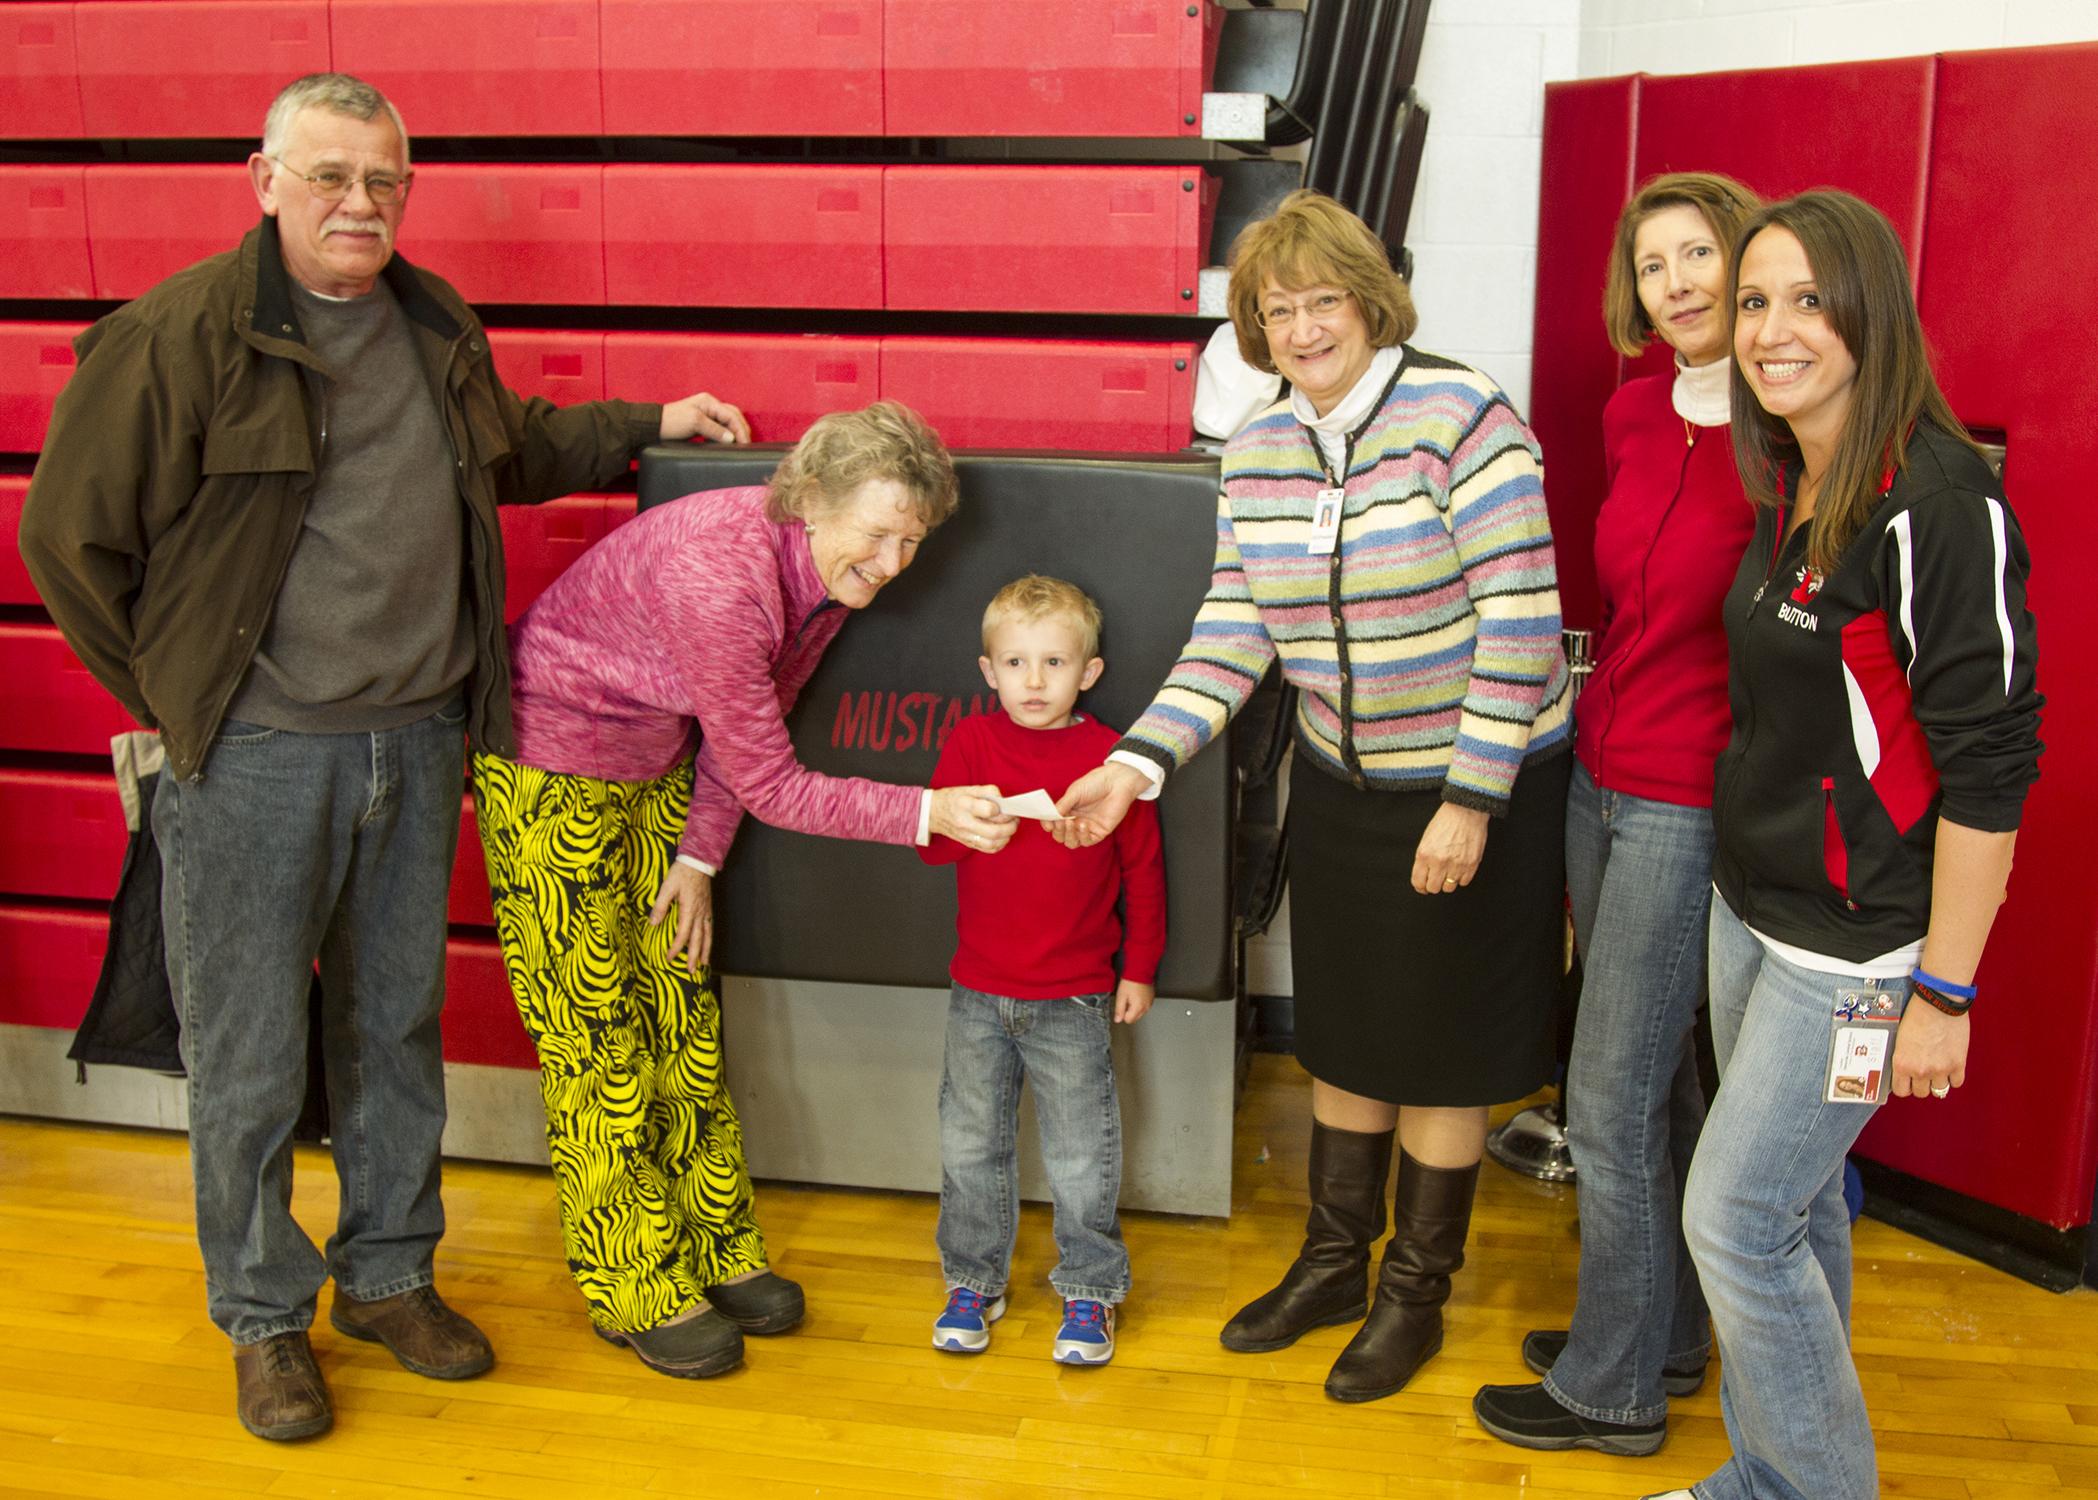 Kids Jump Forward with Noyes at Jump-a-Thon